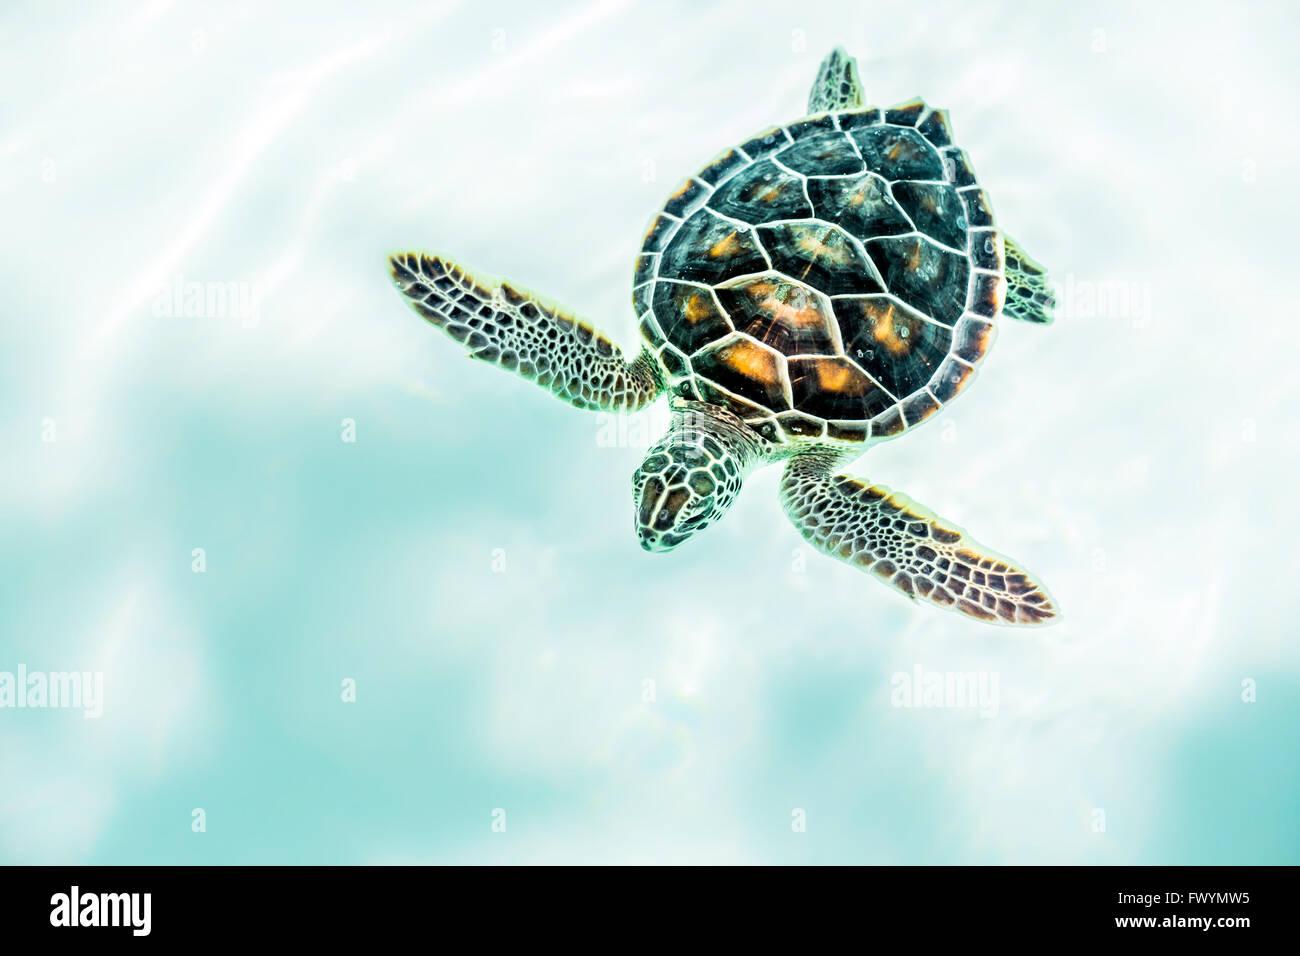 Nahaufnahme von niedlichen Baby-Schildkröte im türkisfarbenen Wasser ...